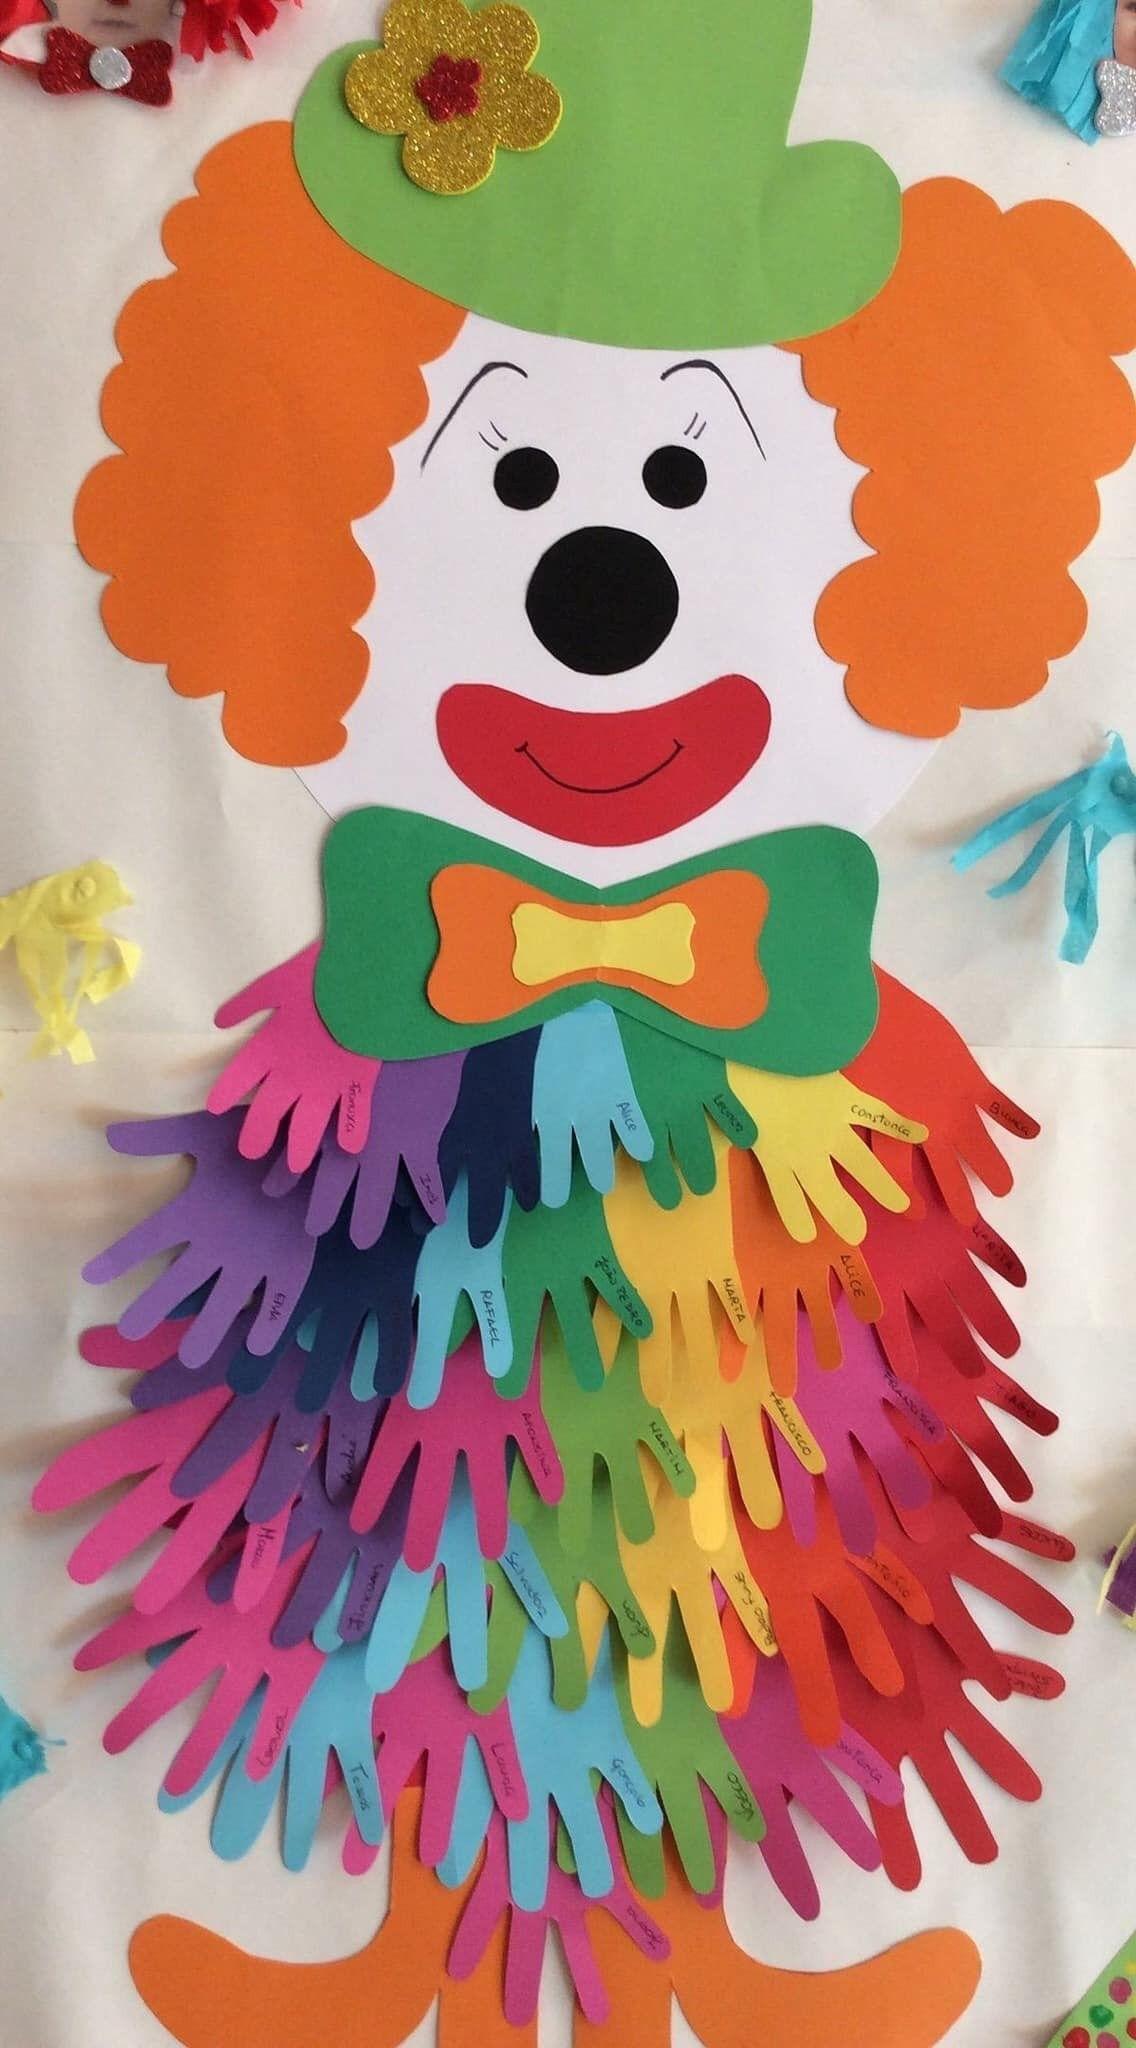 Activité Manuelle Carnaval De Barbara Du Tableau Basteln Mit concernant Activité Manuelle Noel En Creche